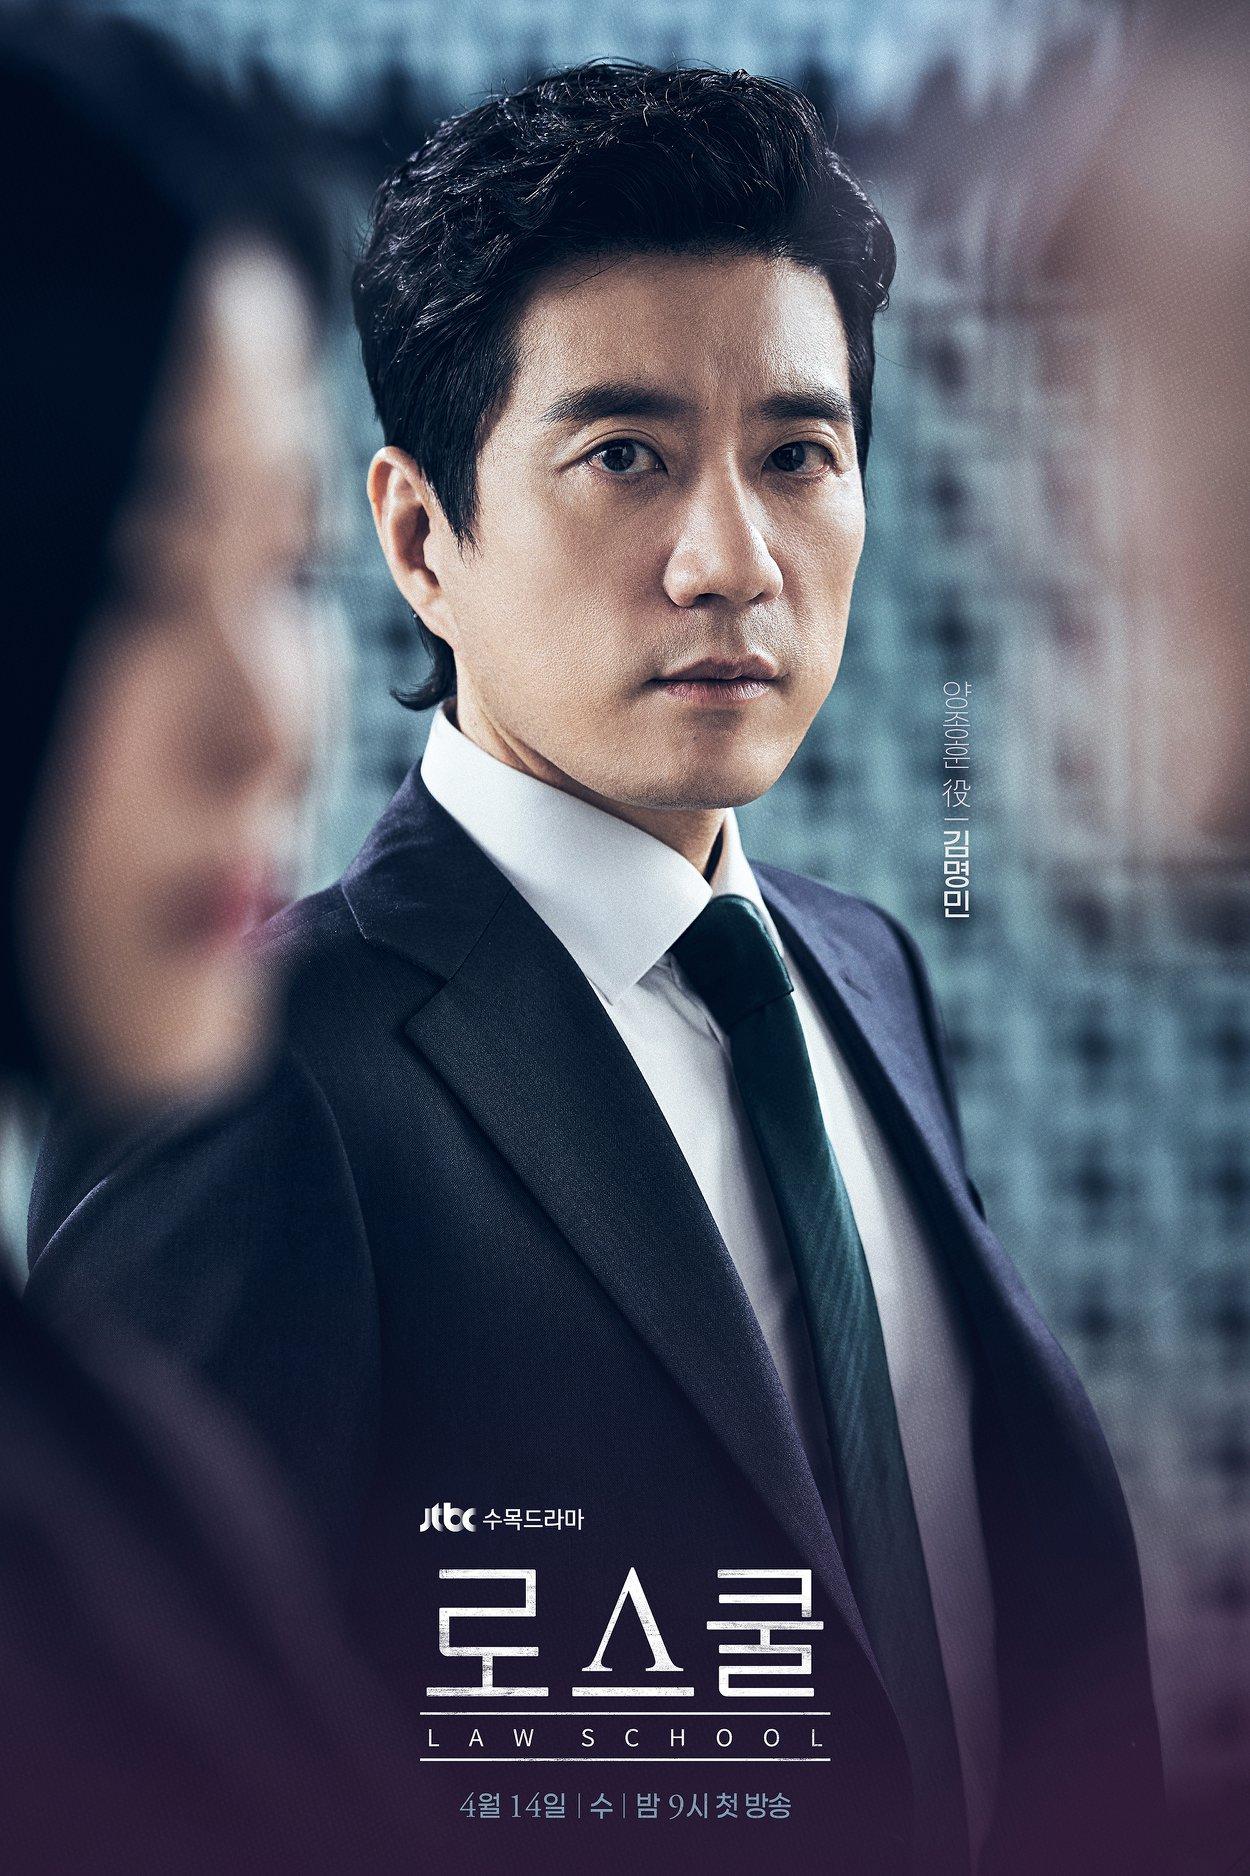 Law School Dram Korea (2021)